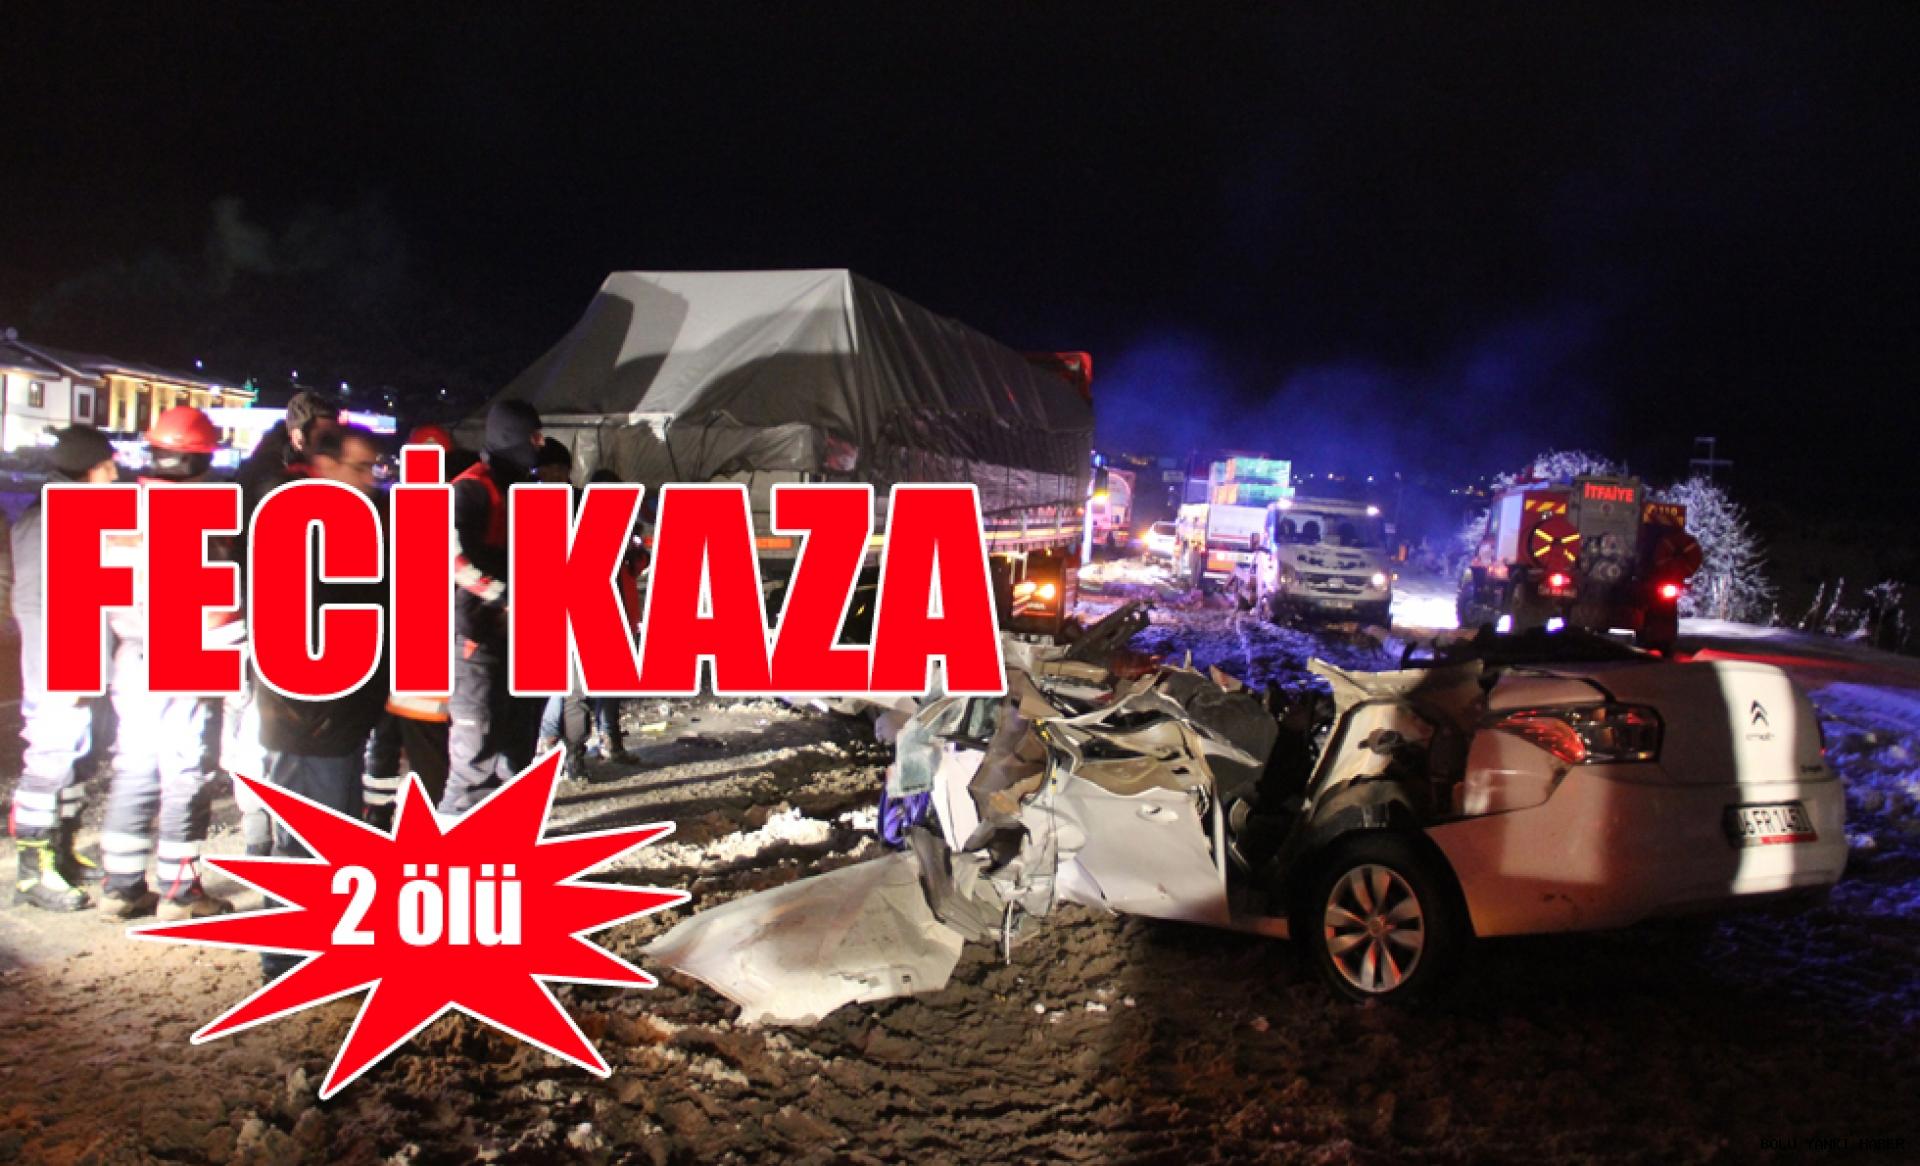 Trafik kazası: 2 ölü